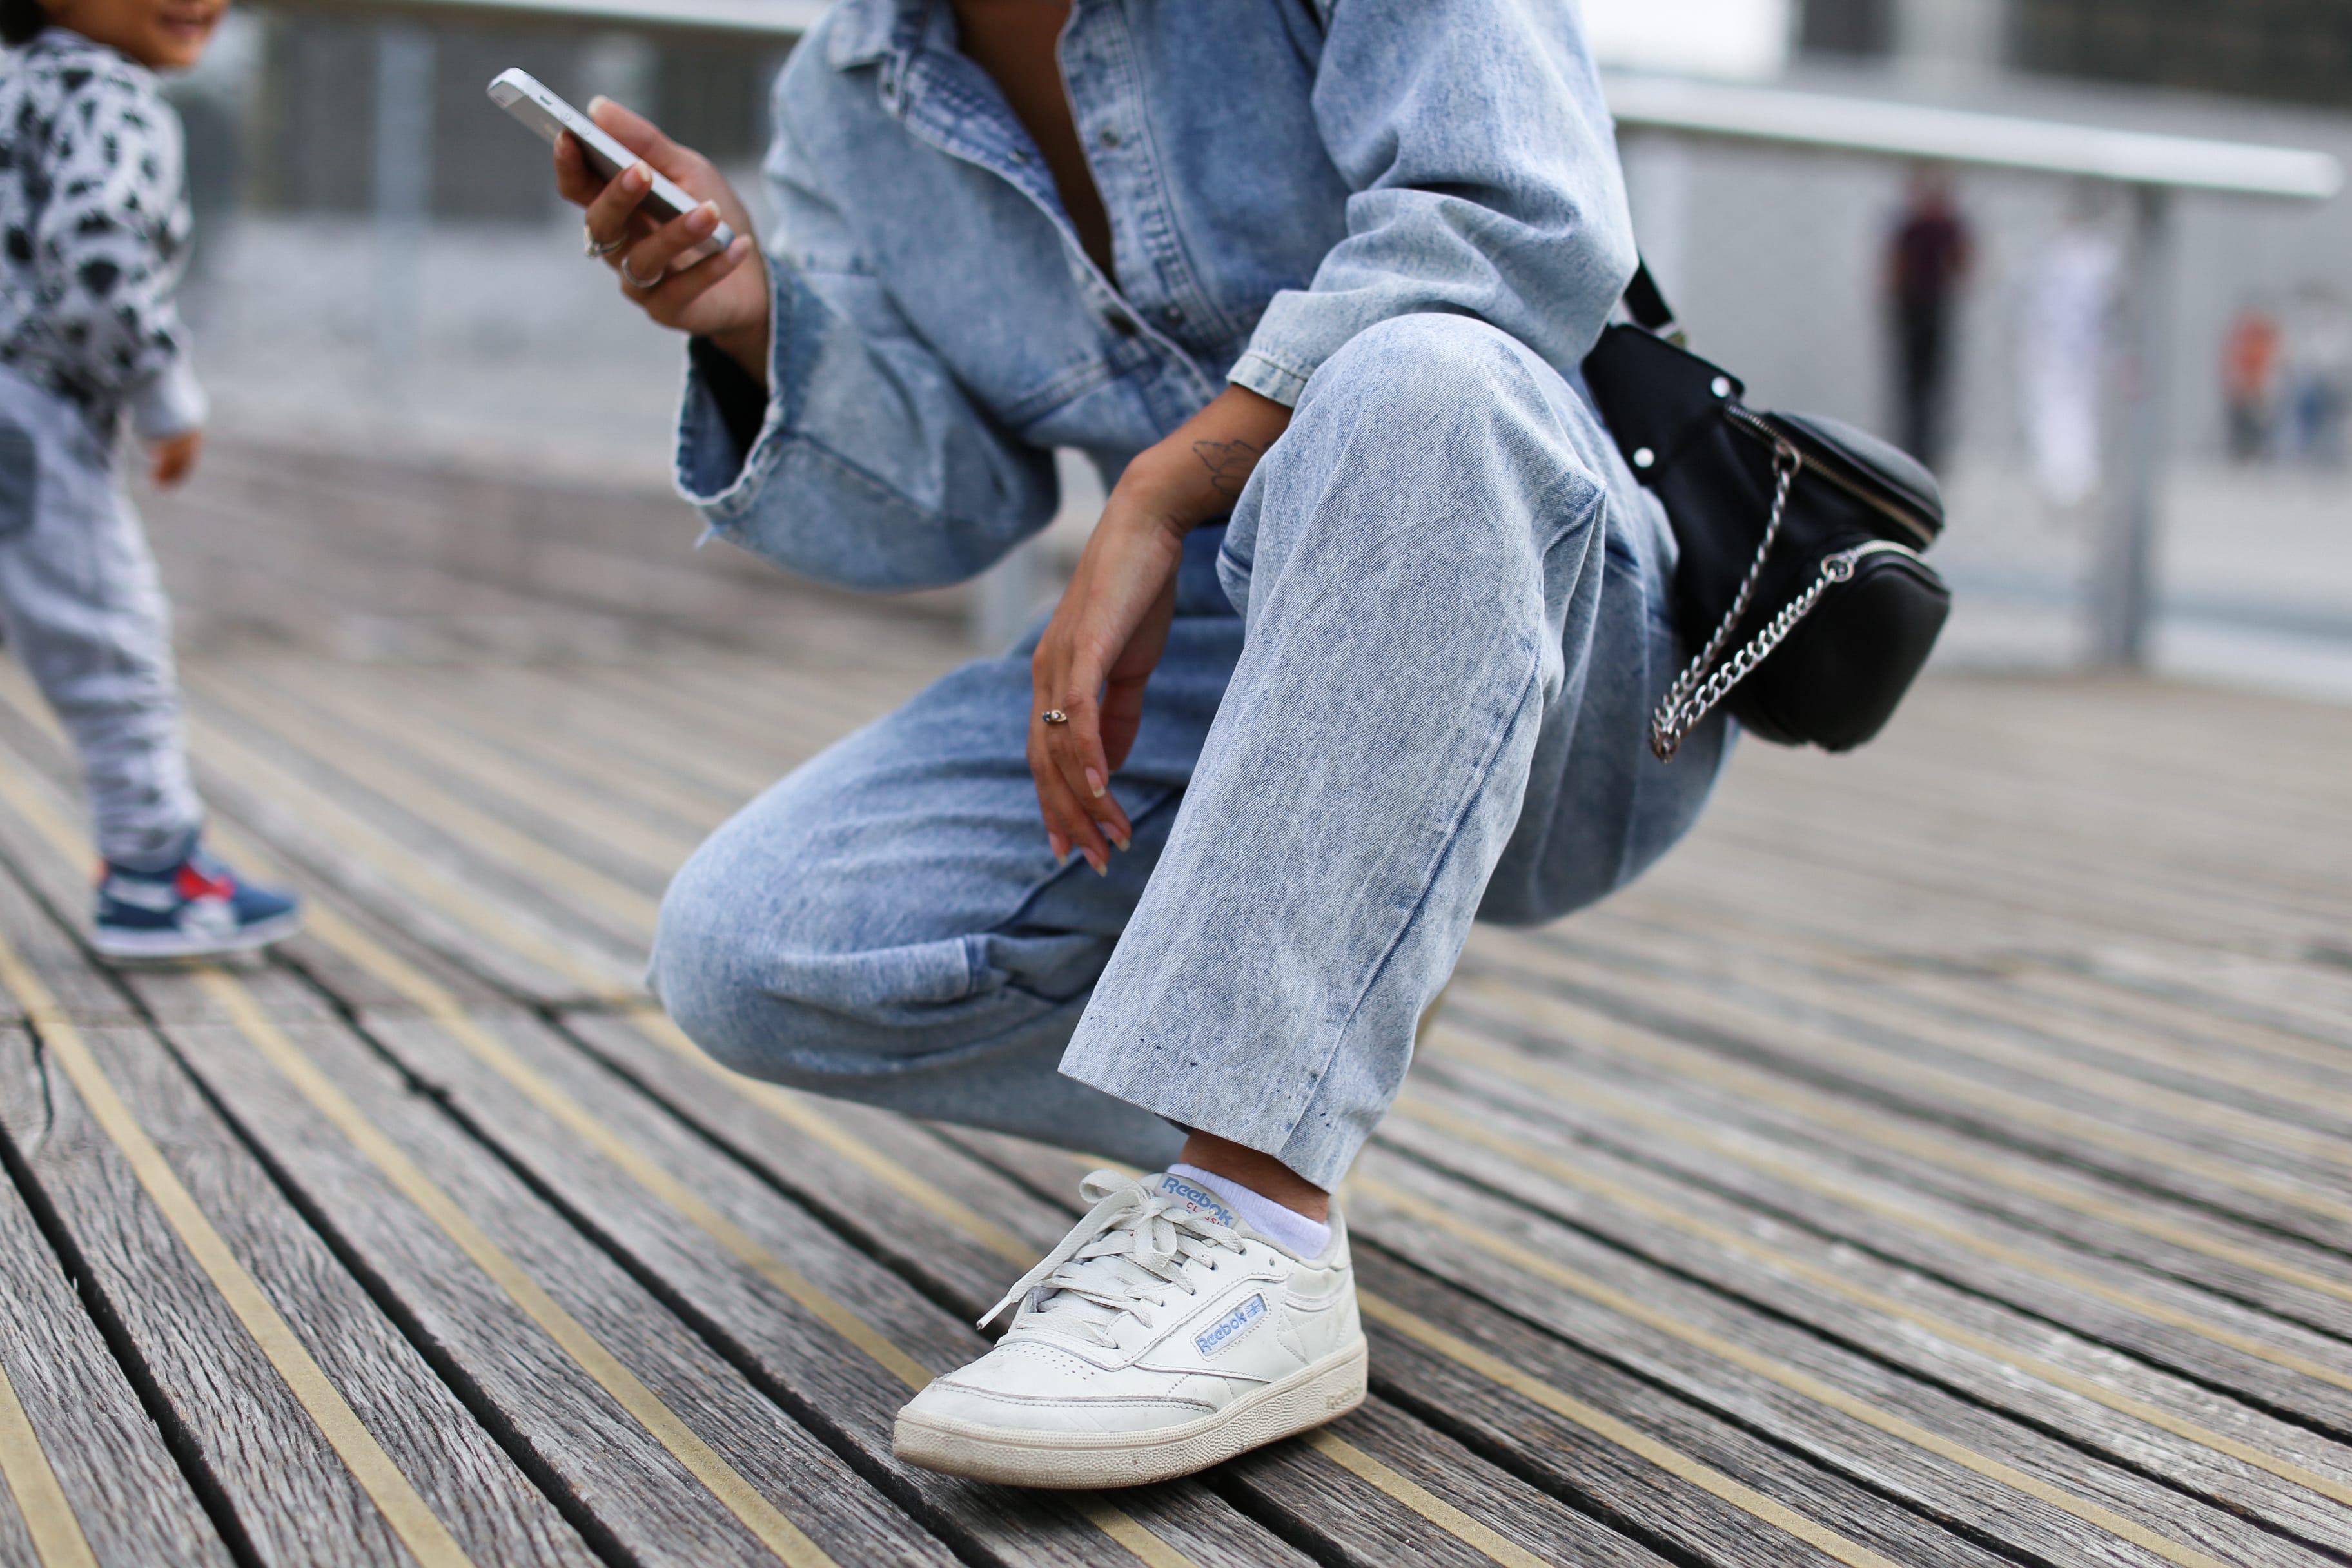 combinaison-jeans_6357-2-min